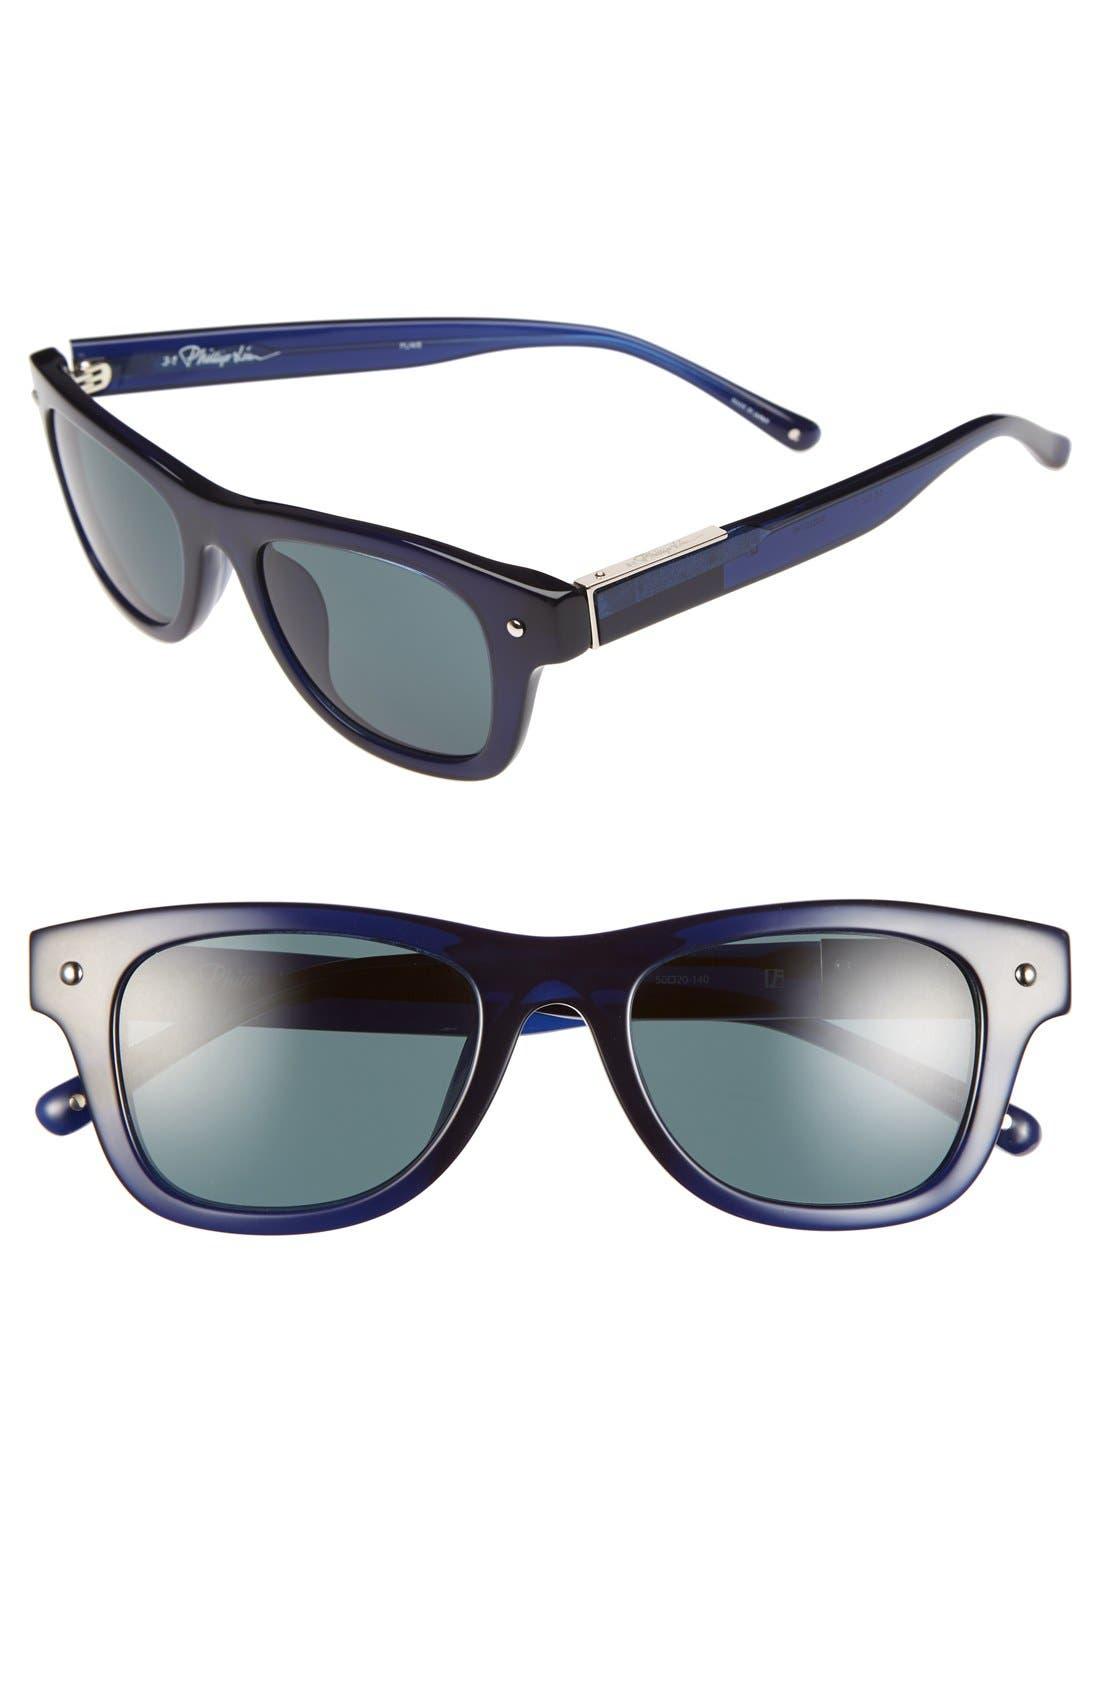 Main Image - 3.1 Phillip Lim 50mm Sunglasses